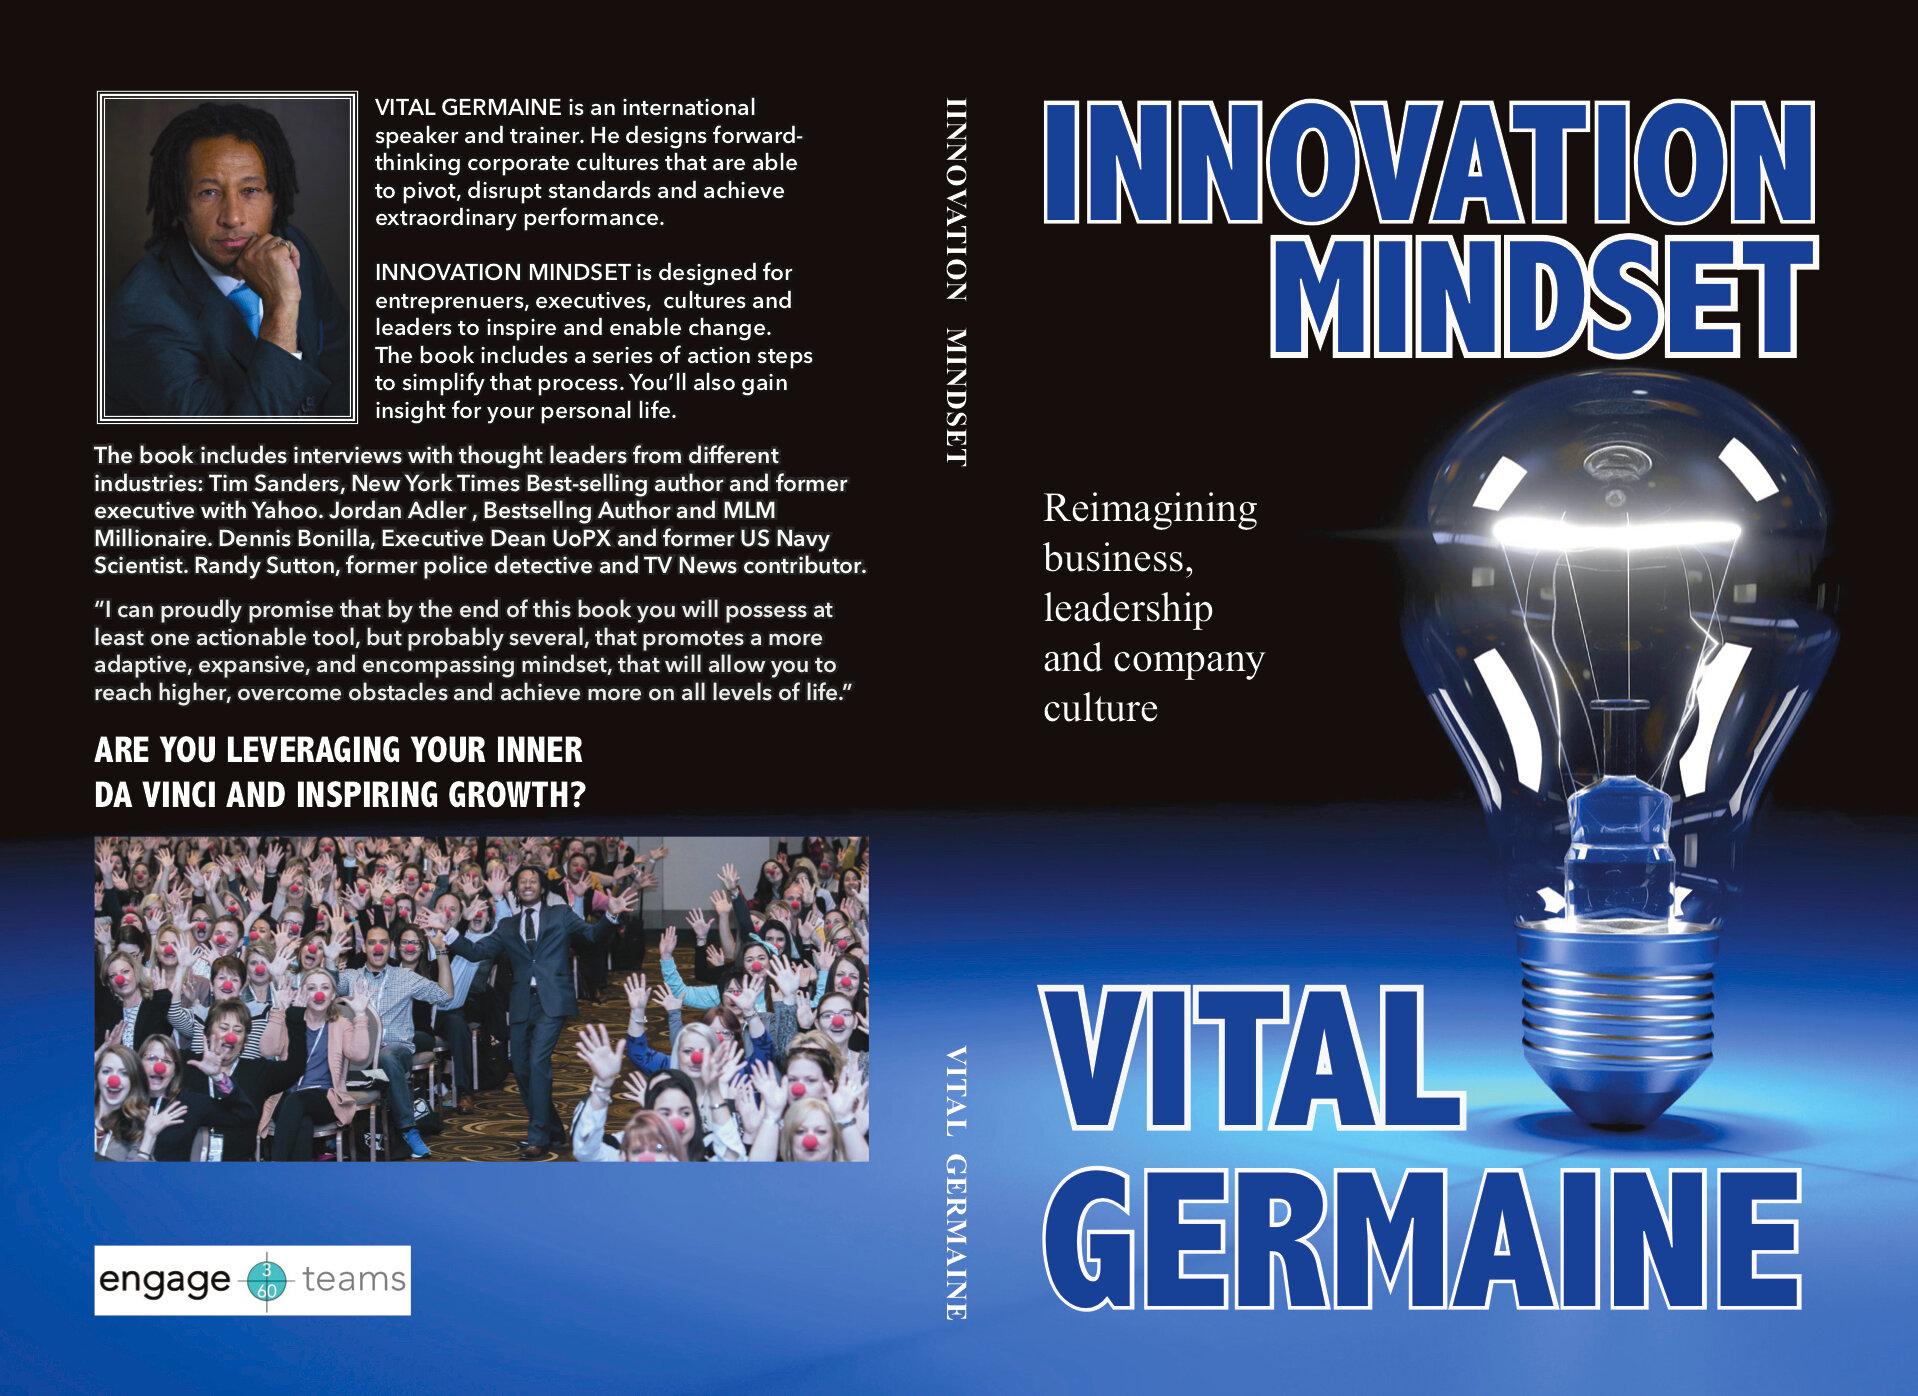 1. INNOVATION MINDSET jpeg Vital Germaine.jpg